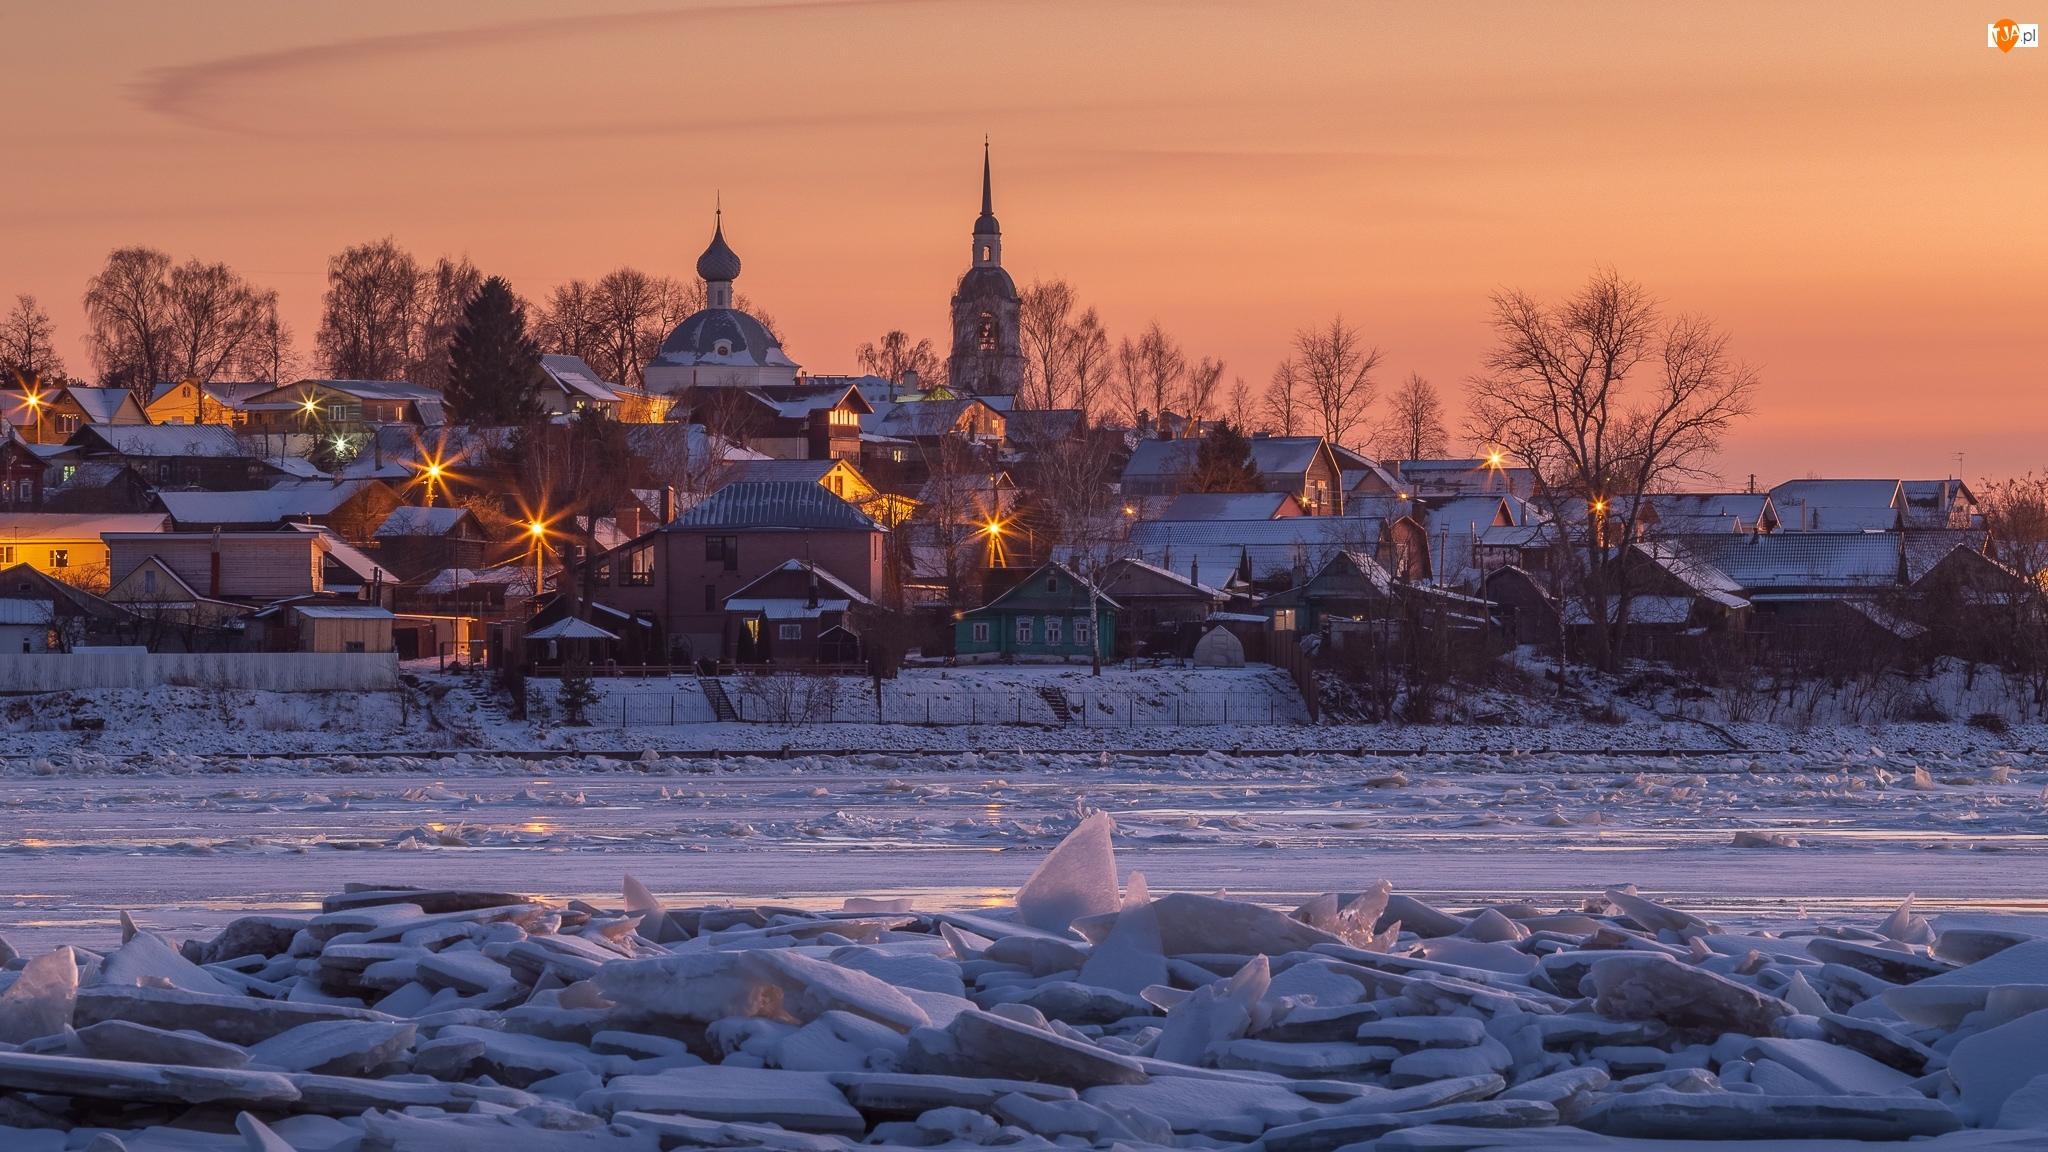 Rosja, Światła, Drzewa, Cerkiew, Rzeka Wołga, Zima, Lód, Śnieg, Domy, Kostroma